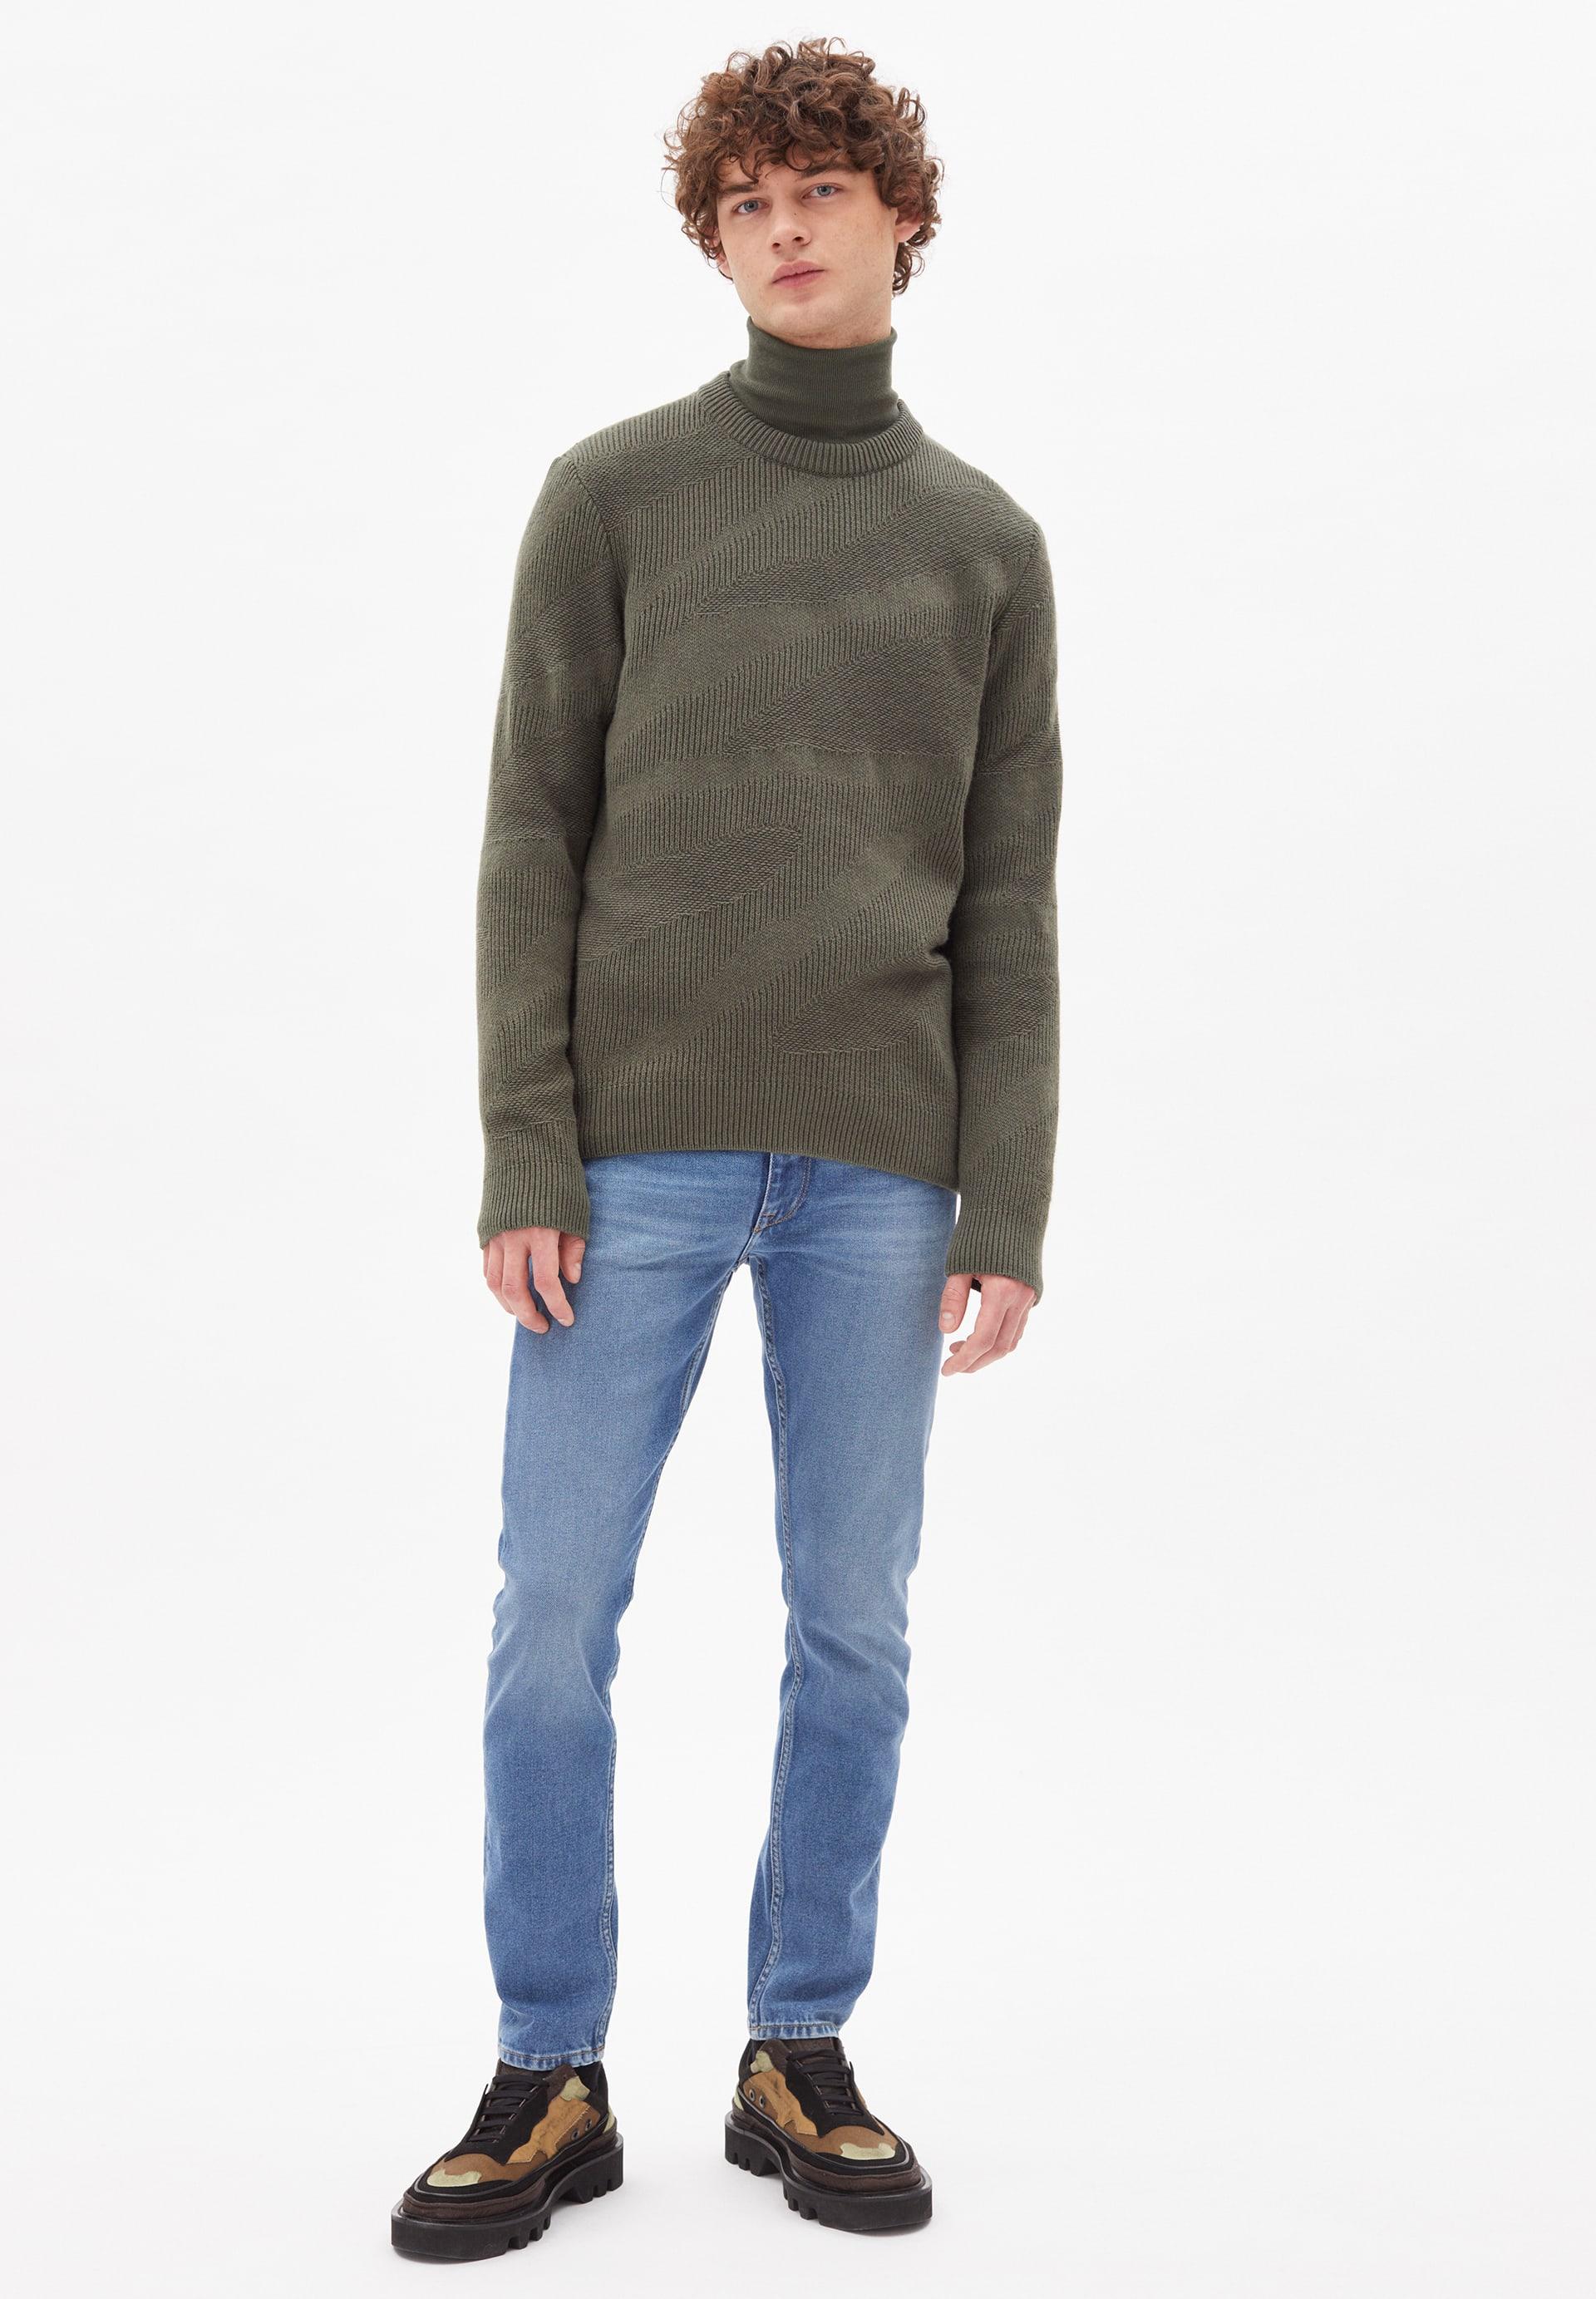 TRAAI Sweater made of Organic Wool Mix